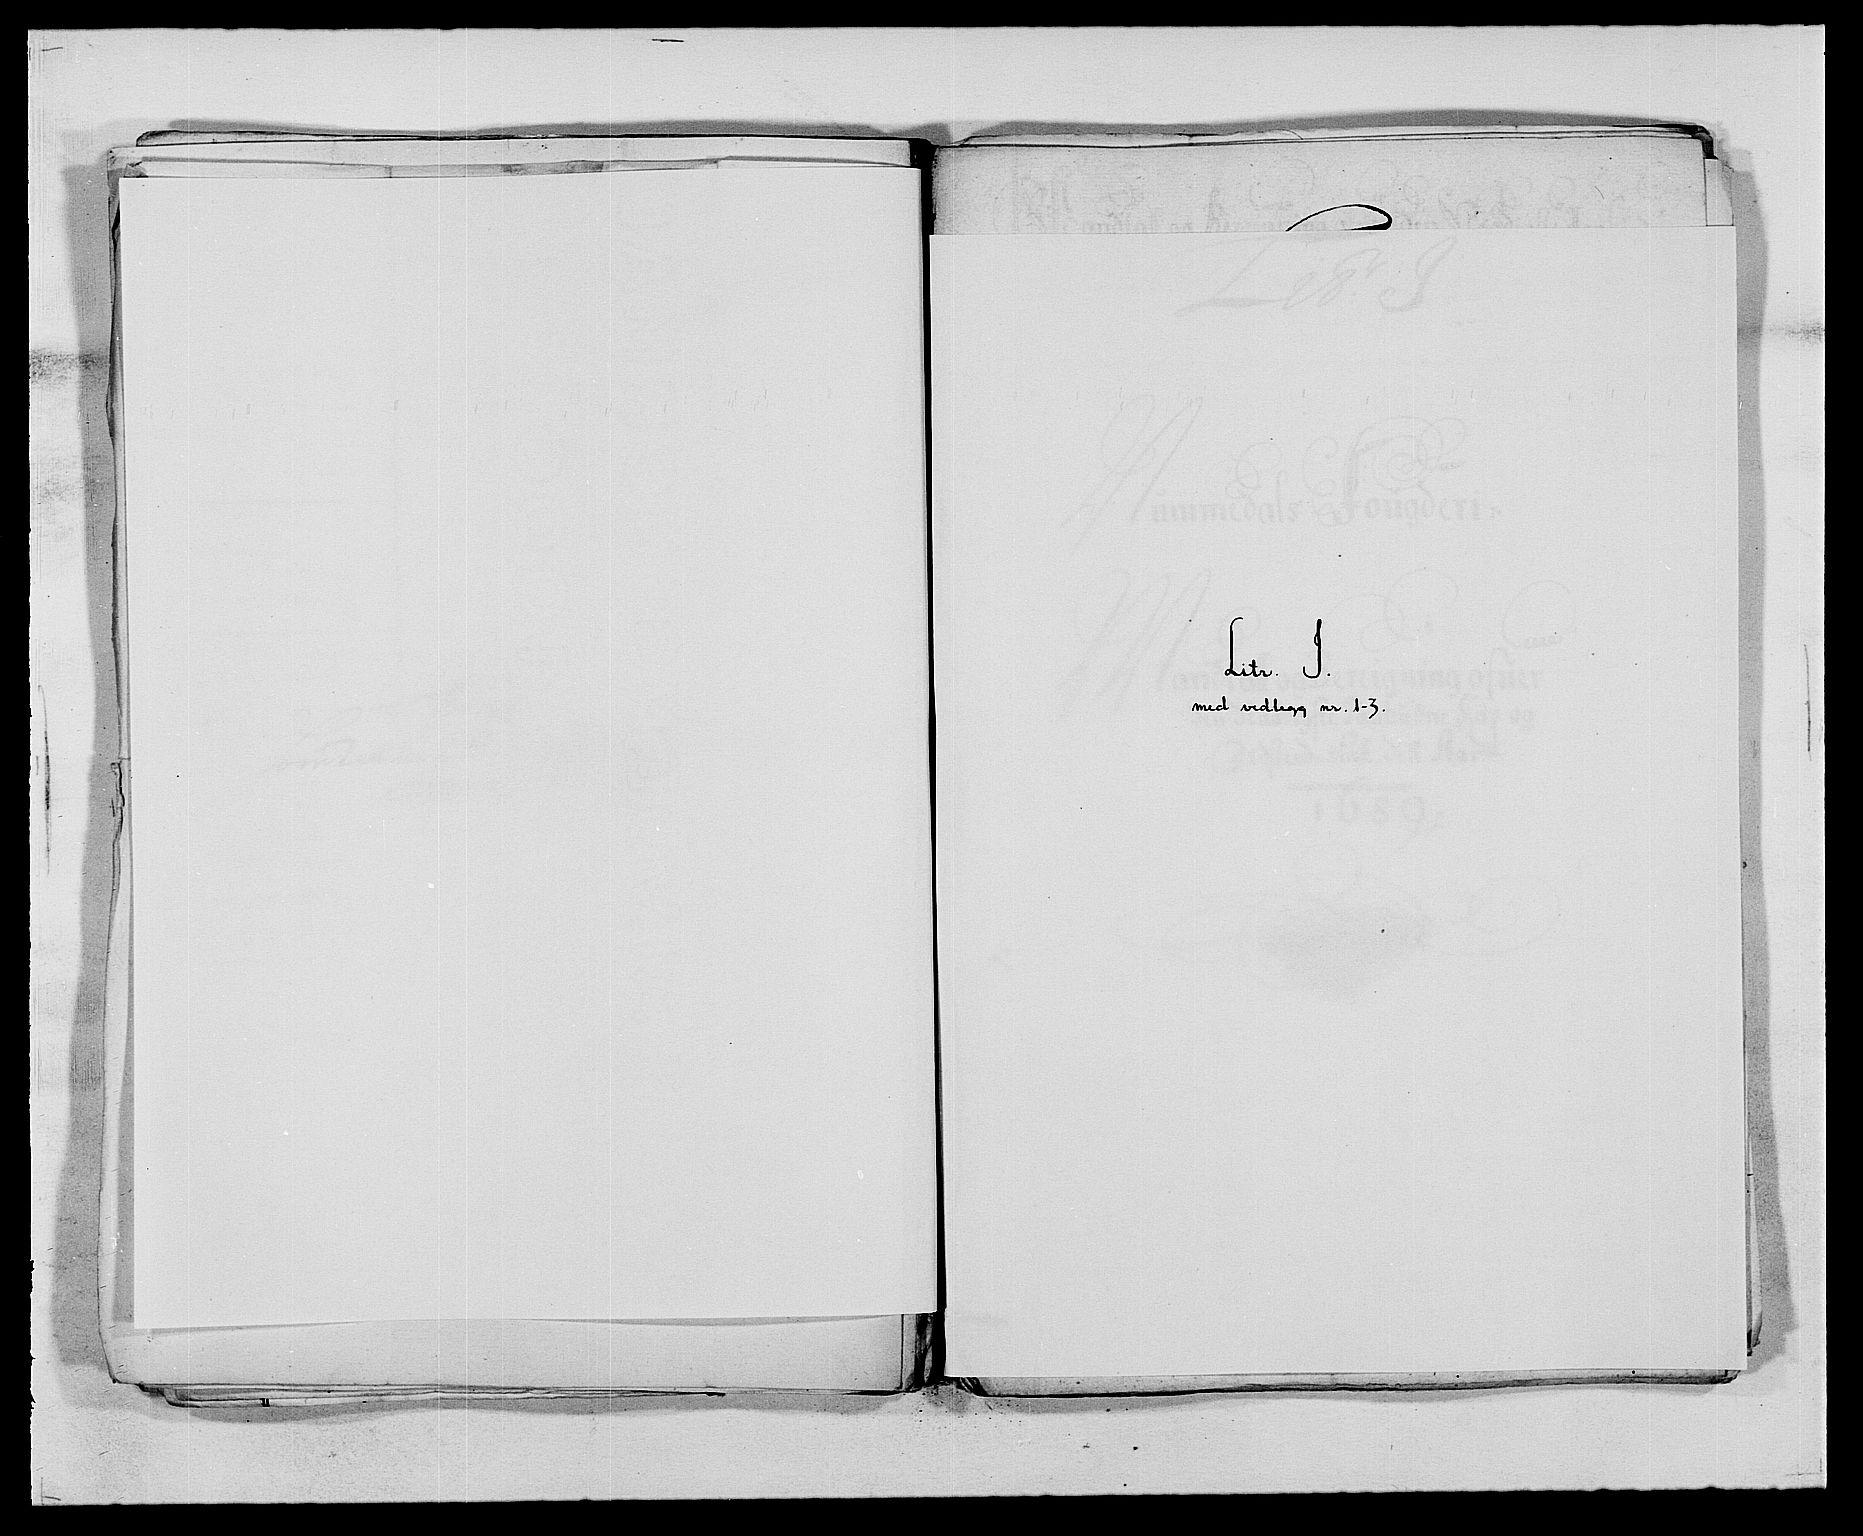 RA, Rentekammeret inntil 1814, Reviderte regnskaper, Fogderegnskap, R64/L4422: Fogderegnskap Namdal, 1687-1689, s. 239